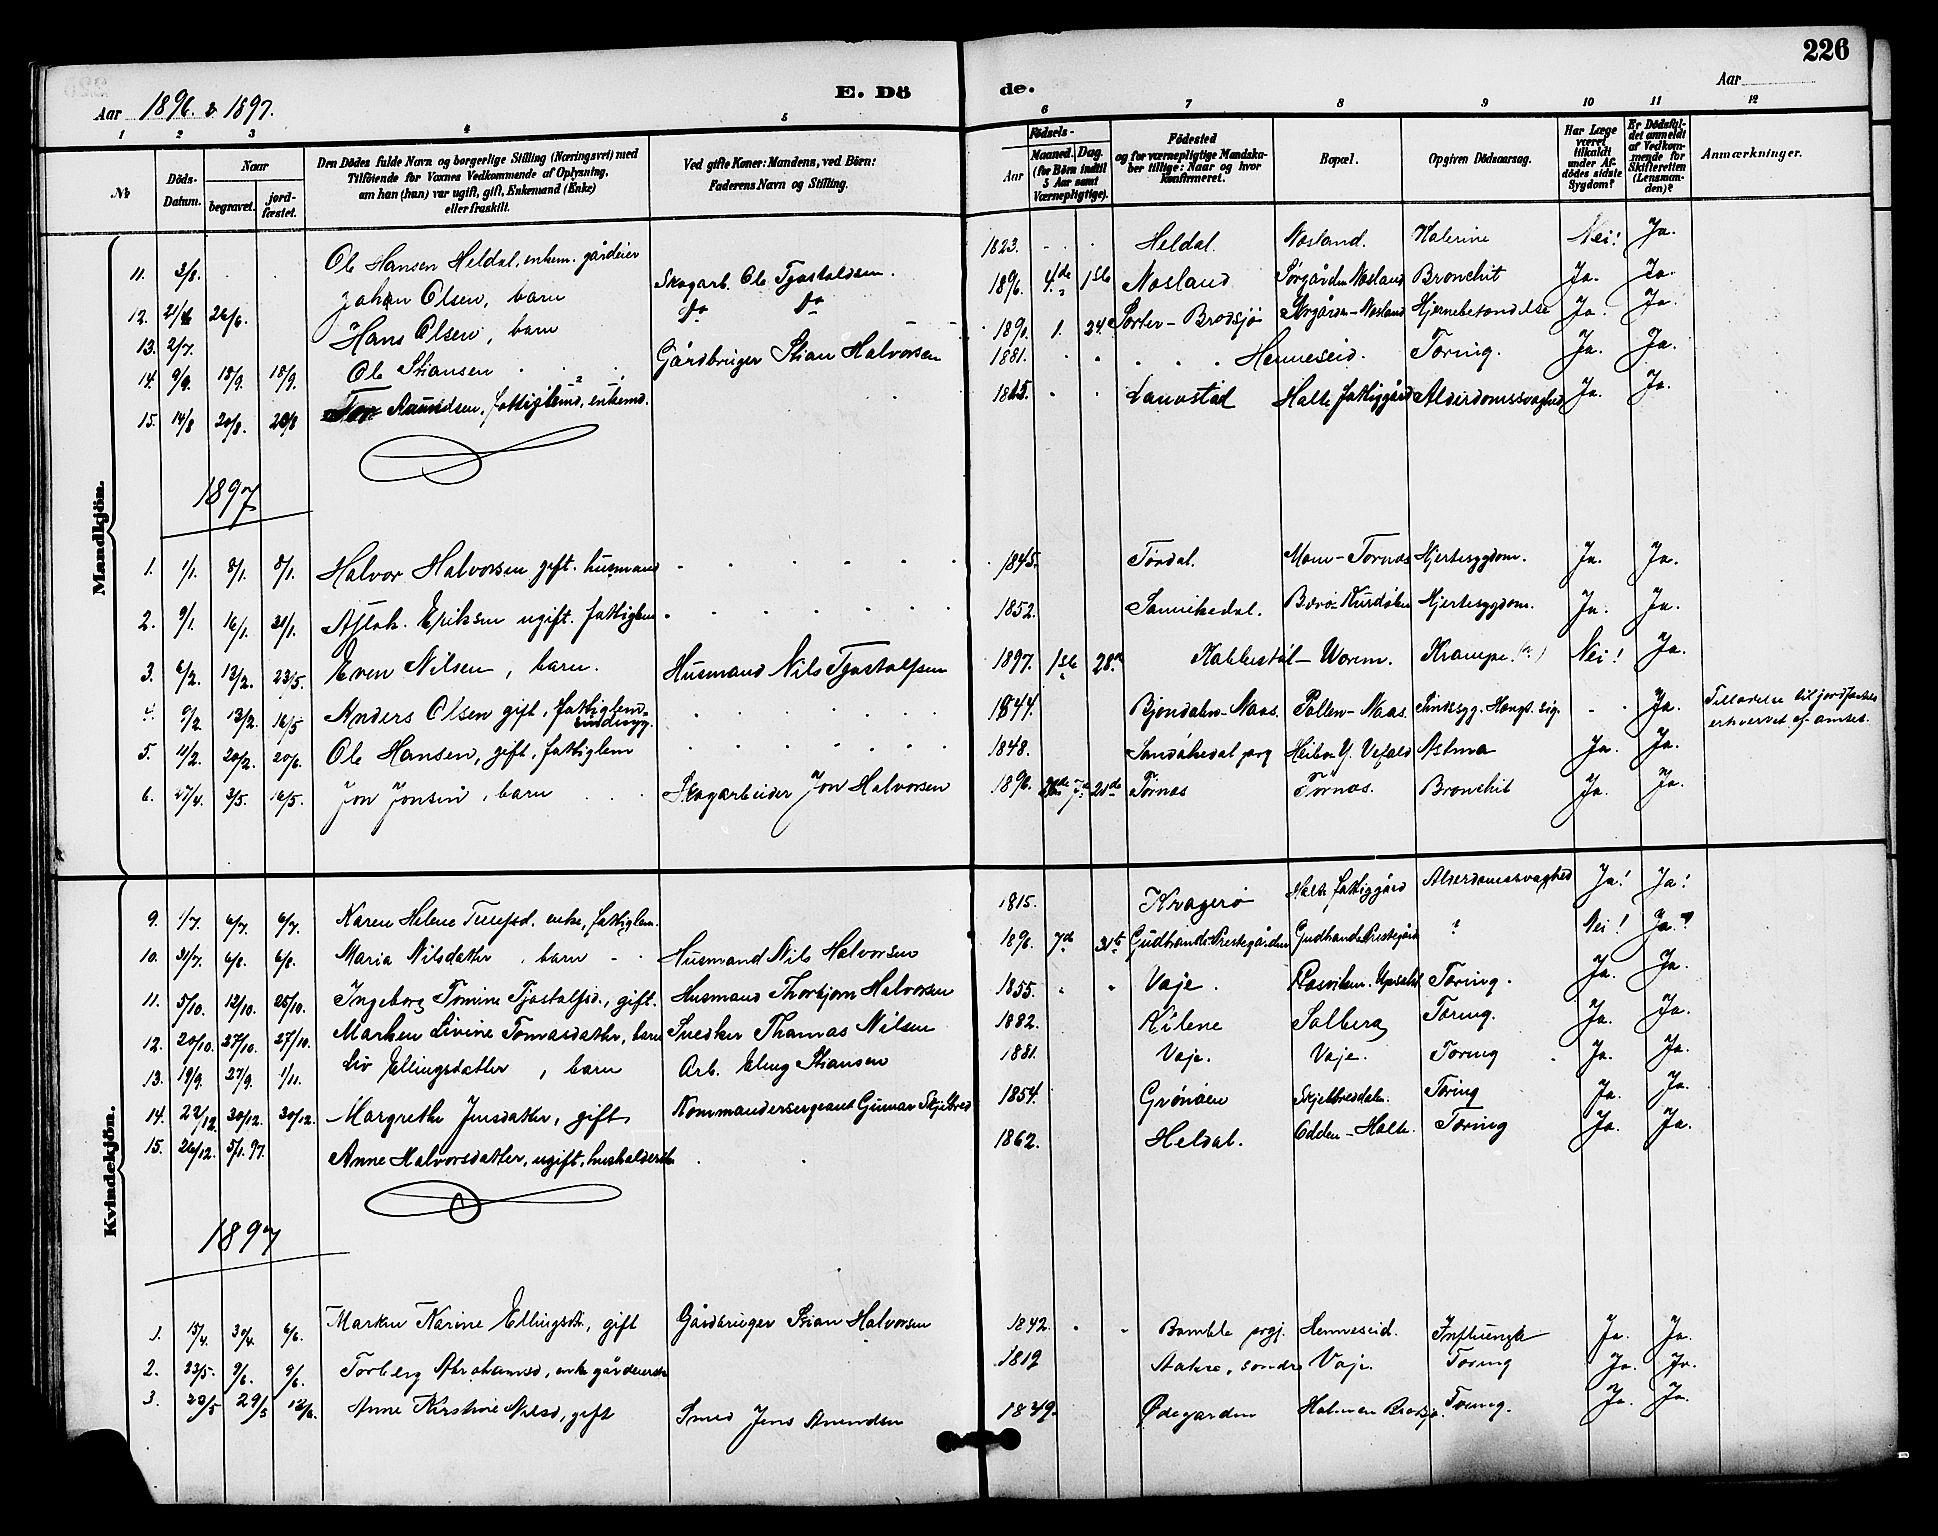 SAKO, Drangedal kirkebøker, G/Ga/L0003: Klokkerbok nr. I 3, 1887-1906, s. 226